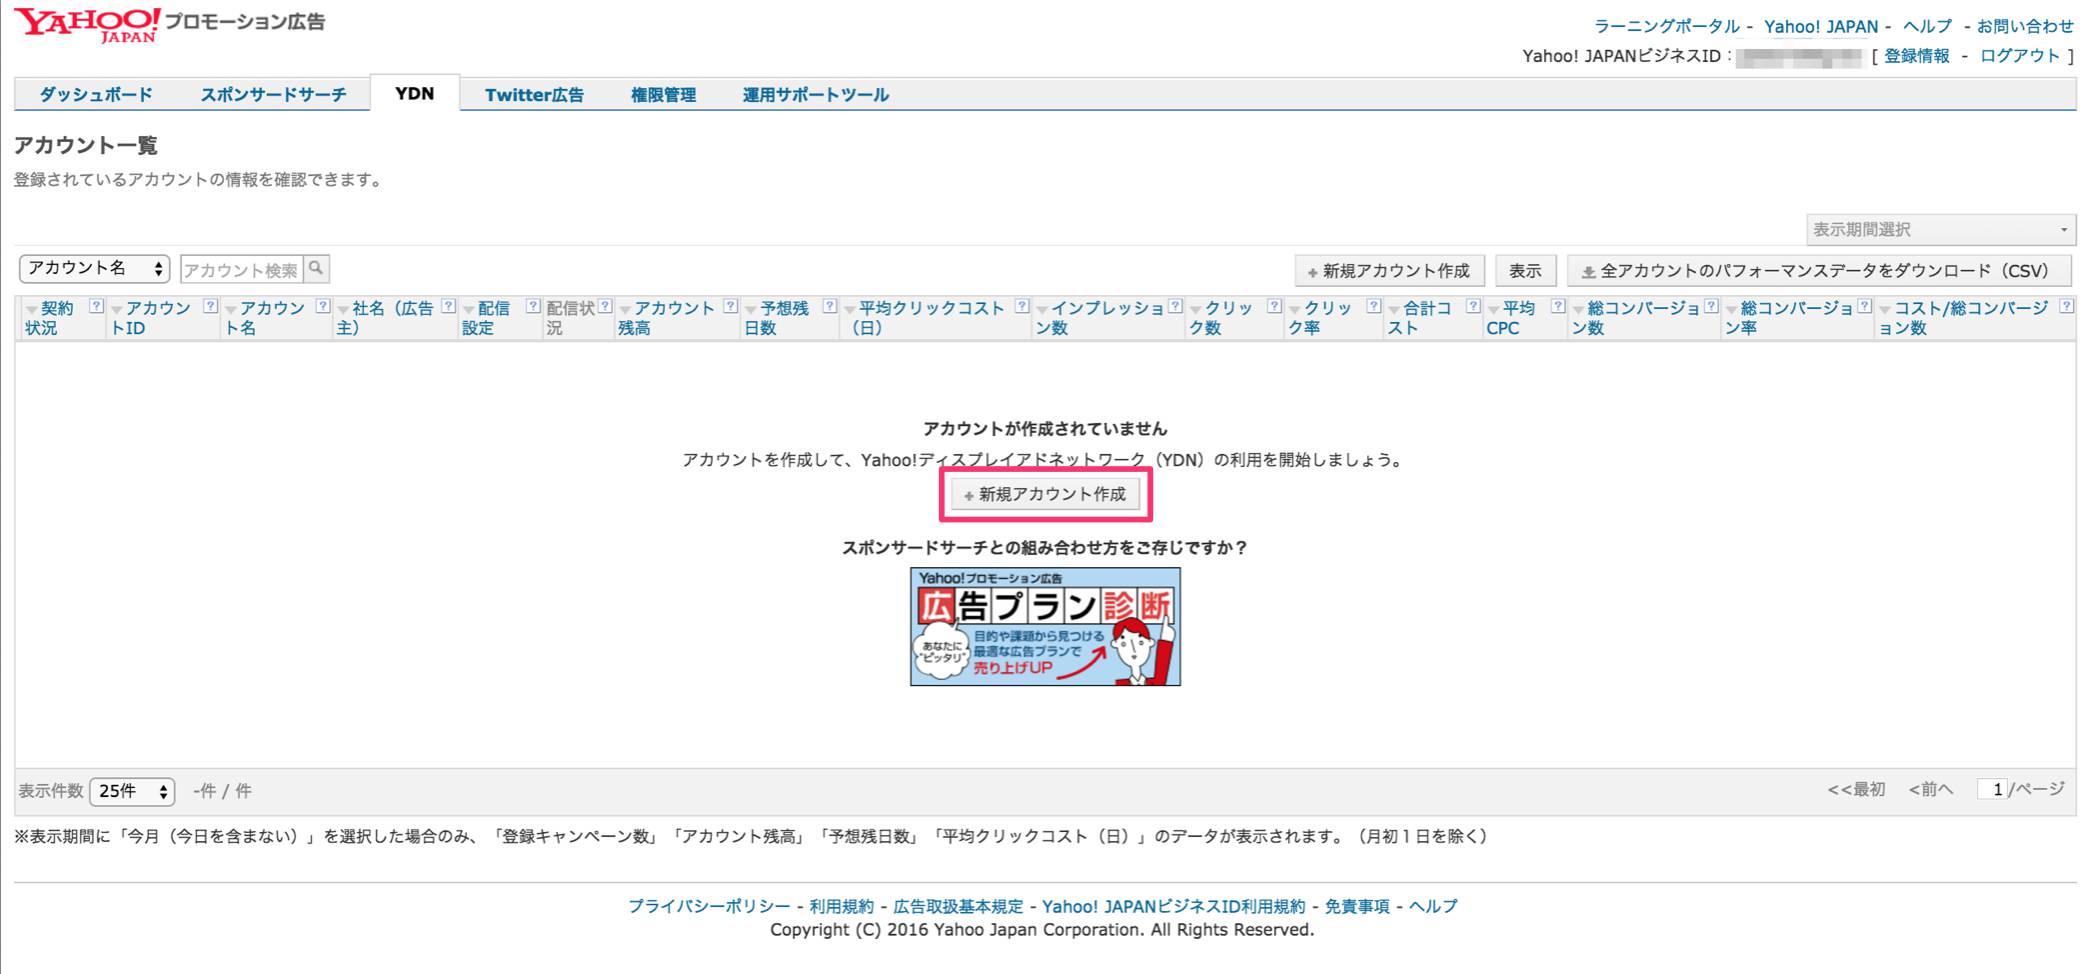 YDNアカウント開設画面